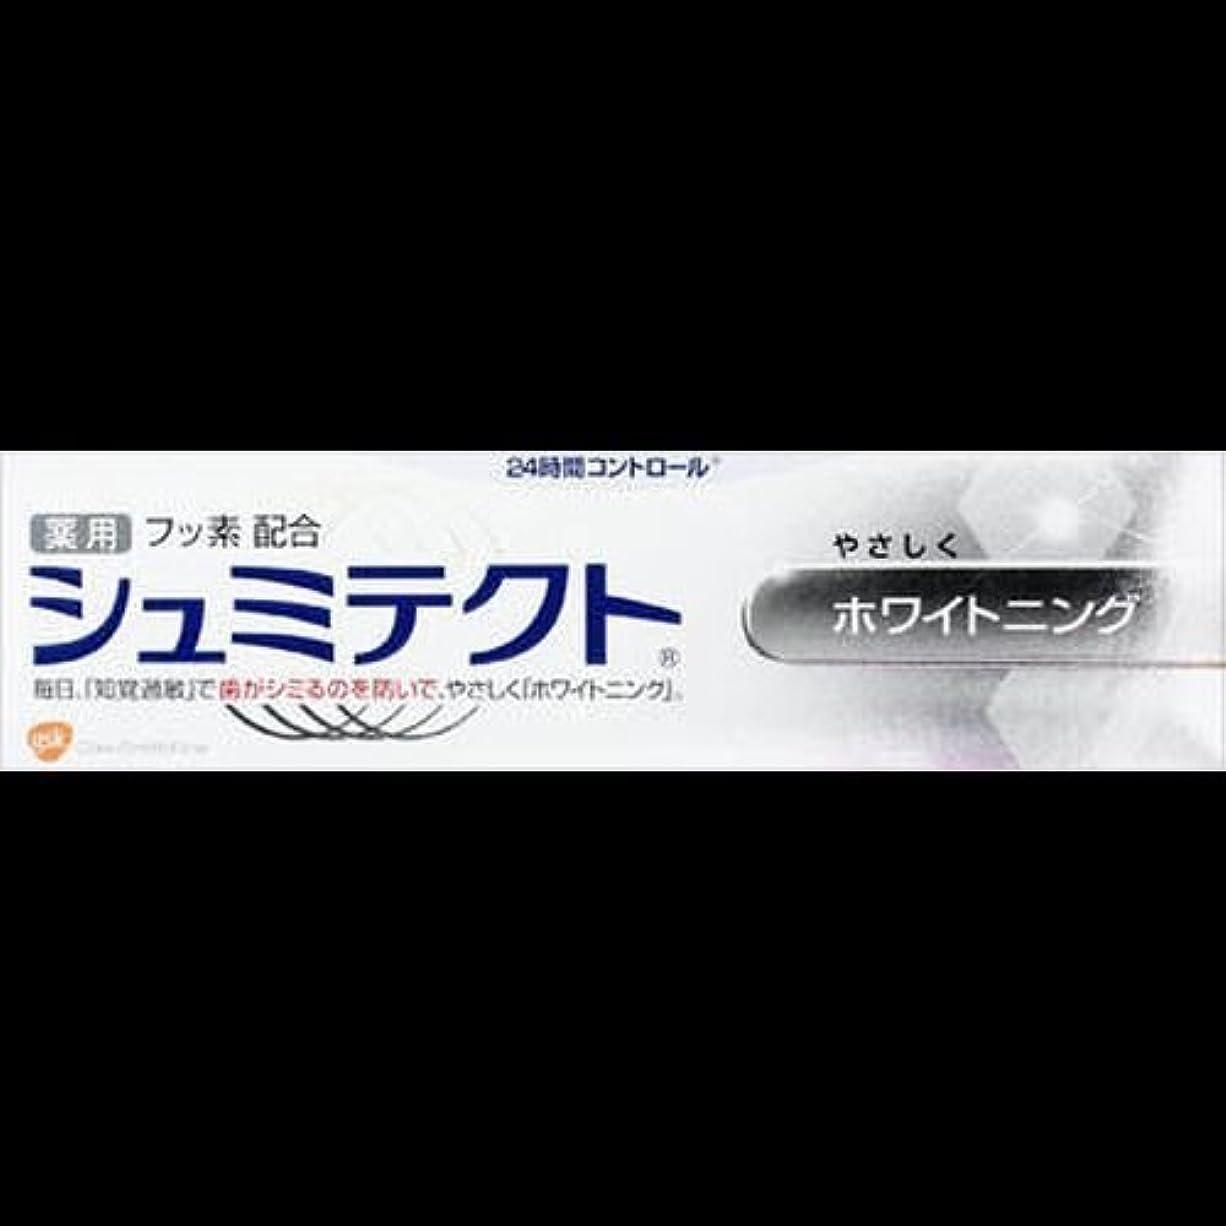 四銃判読できない【まとめ買い】薬用シュミテクト ホワイトニング 90g ×2セット